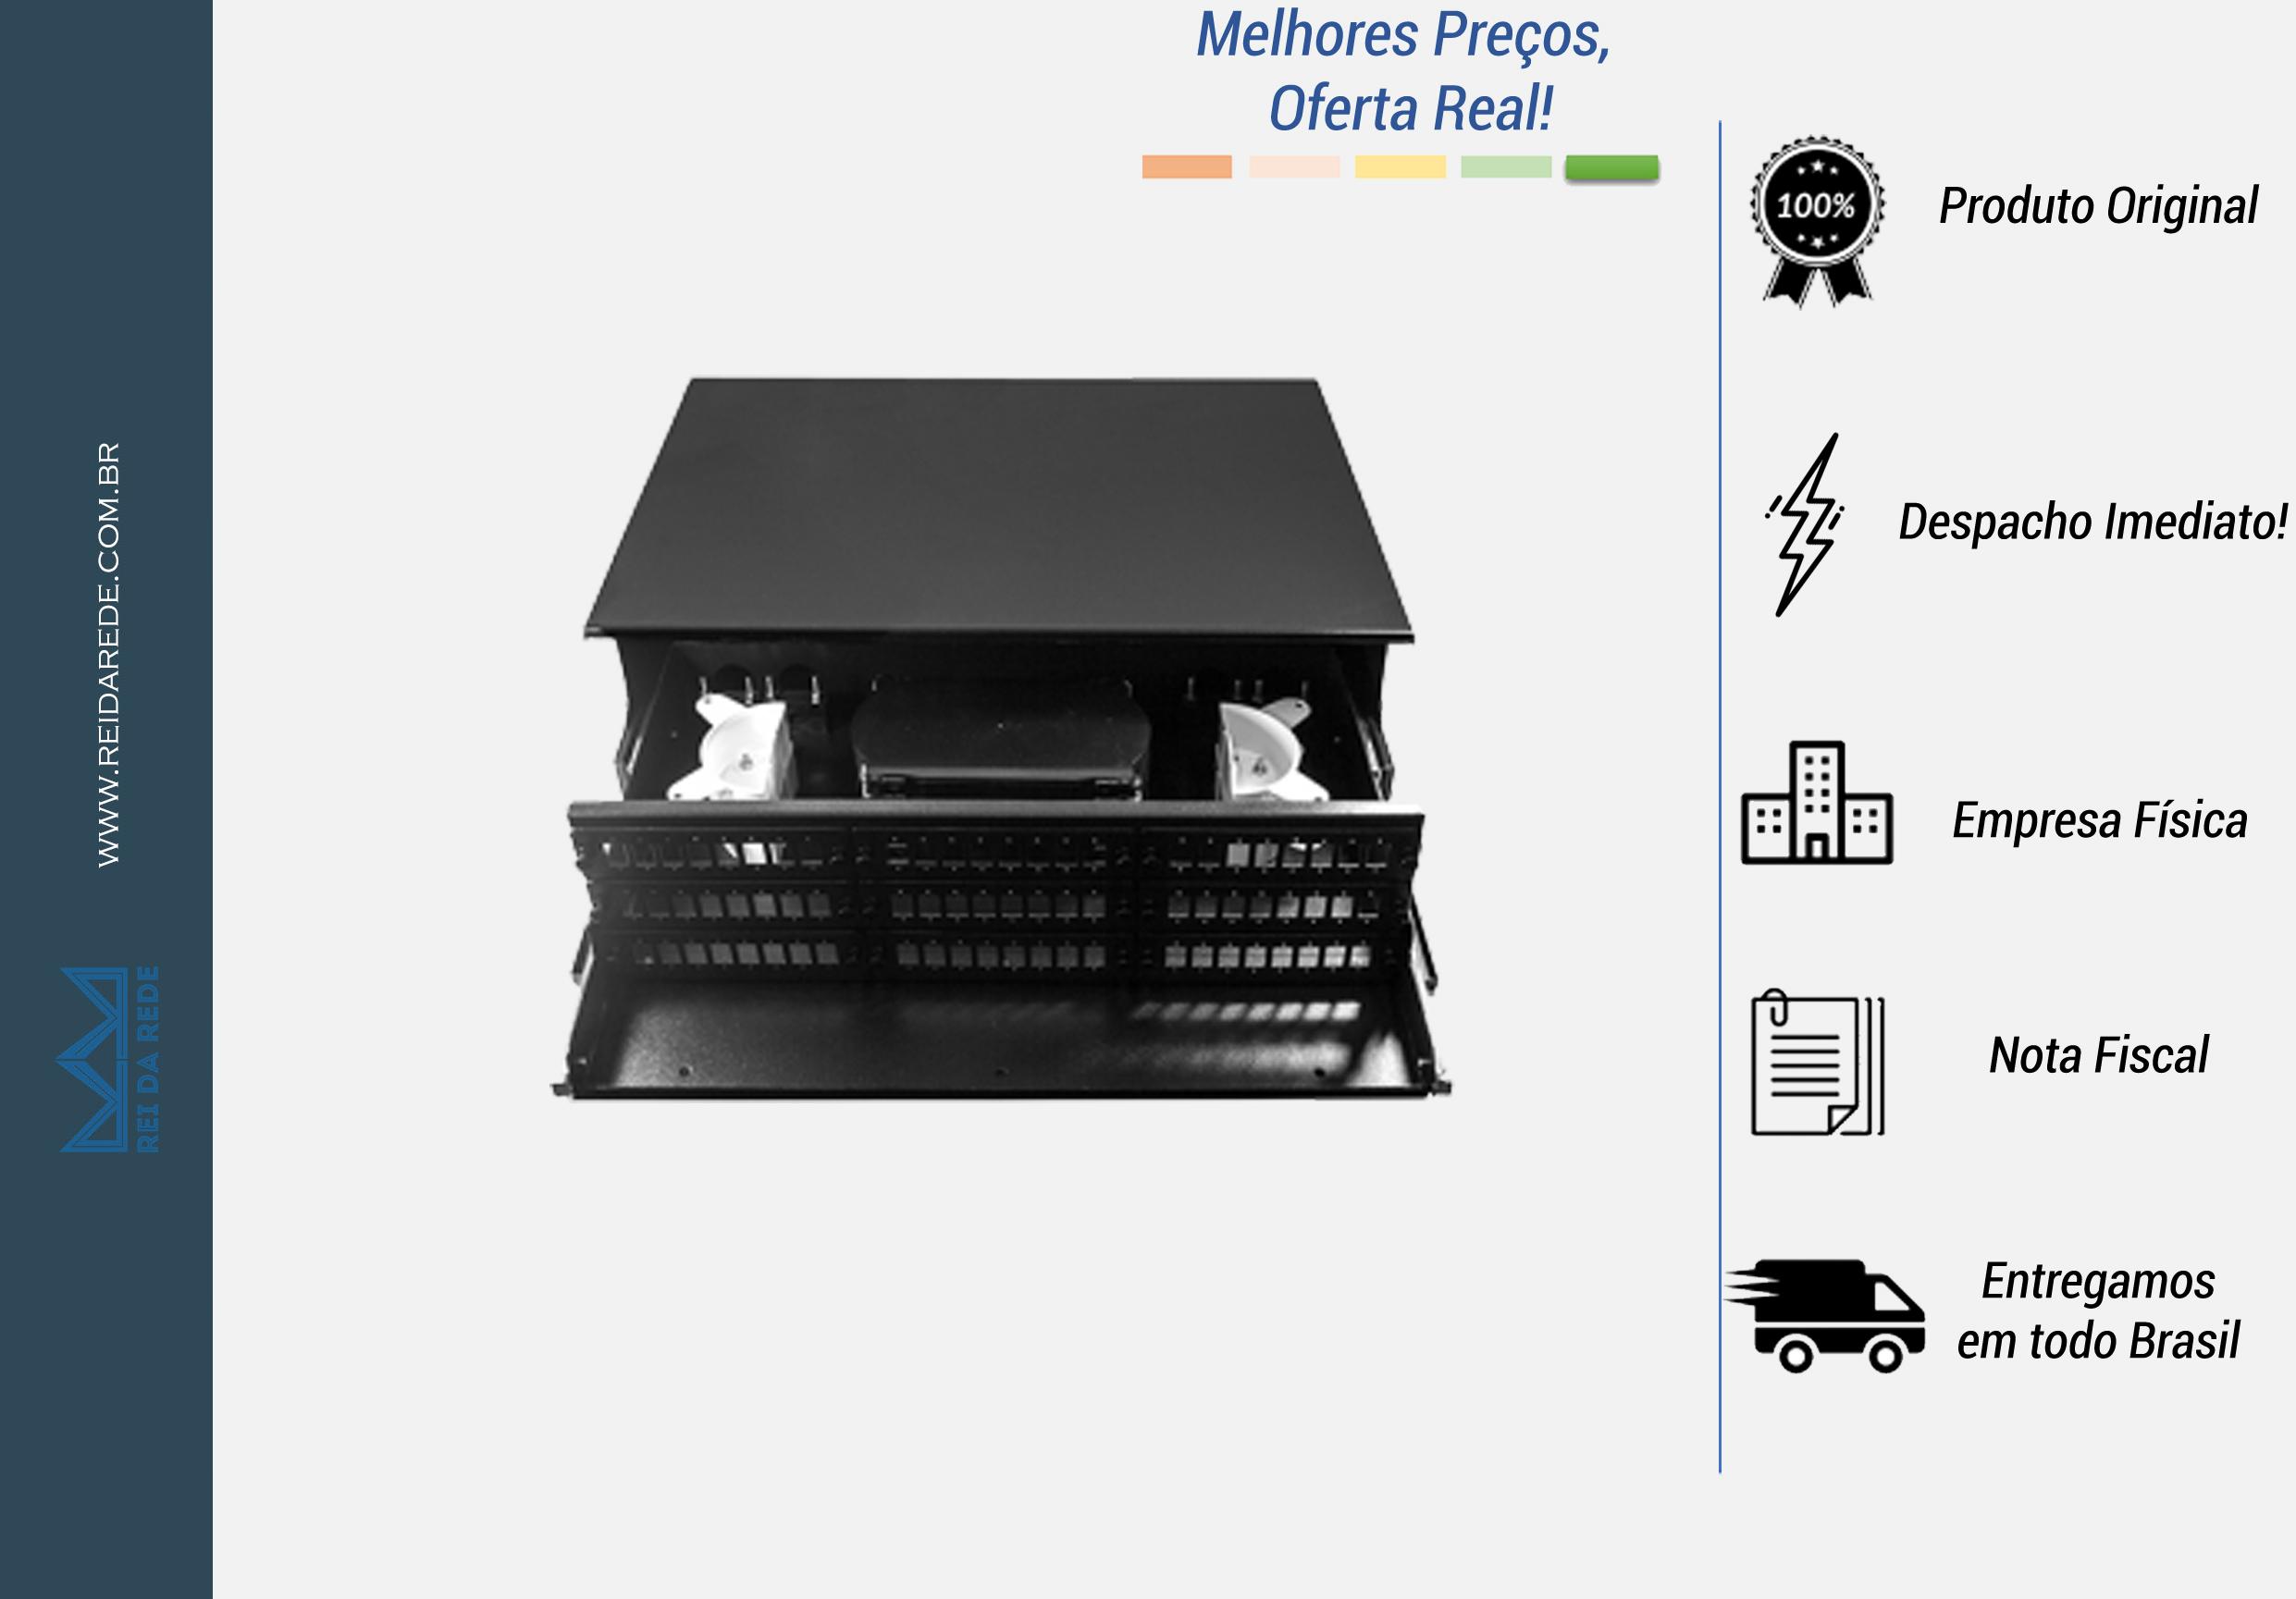 """A Caixa DIO para rack de 72 FO, padrão 19"""" é constituído de bandejas internas para até 72 emendas ópticas. Sua principal utilização é a distribuição e identificação das fibras. Possuem módulos para acomodação de emendas, protetores de fusão e abraçadeira para fixação dos cabos."""